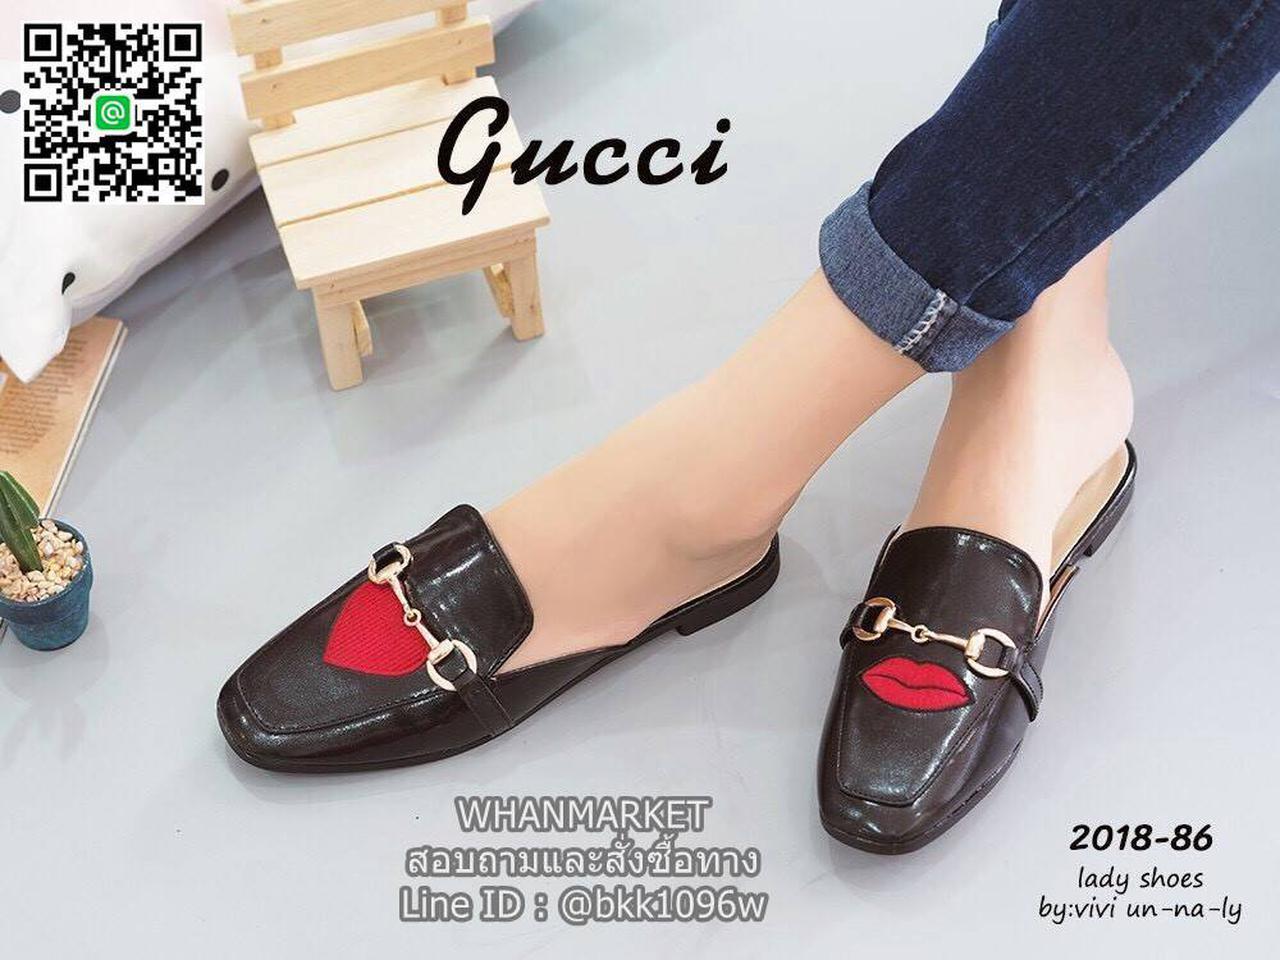 รองเท้าแตะหัวตัด งานเปิดส้น งานstyle Gucci ปักลายรูปปากและหัวใจ สุดน่าร๊าก รูปที่ 3